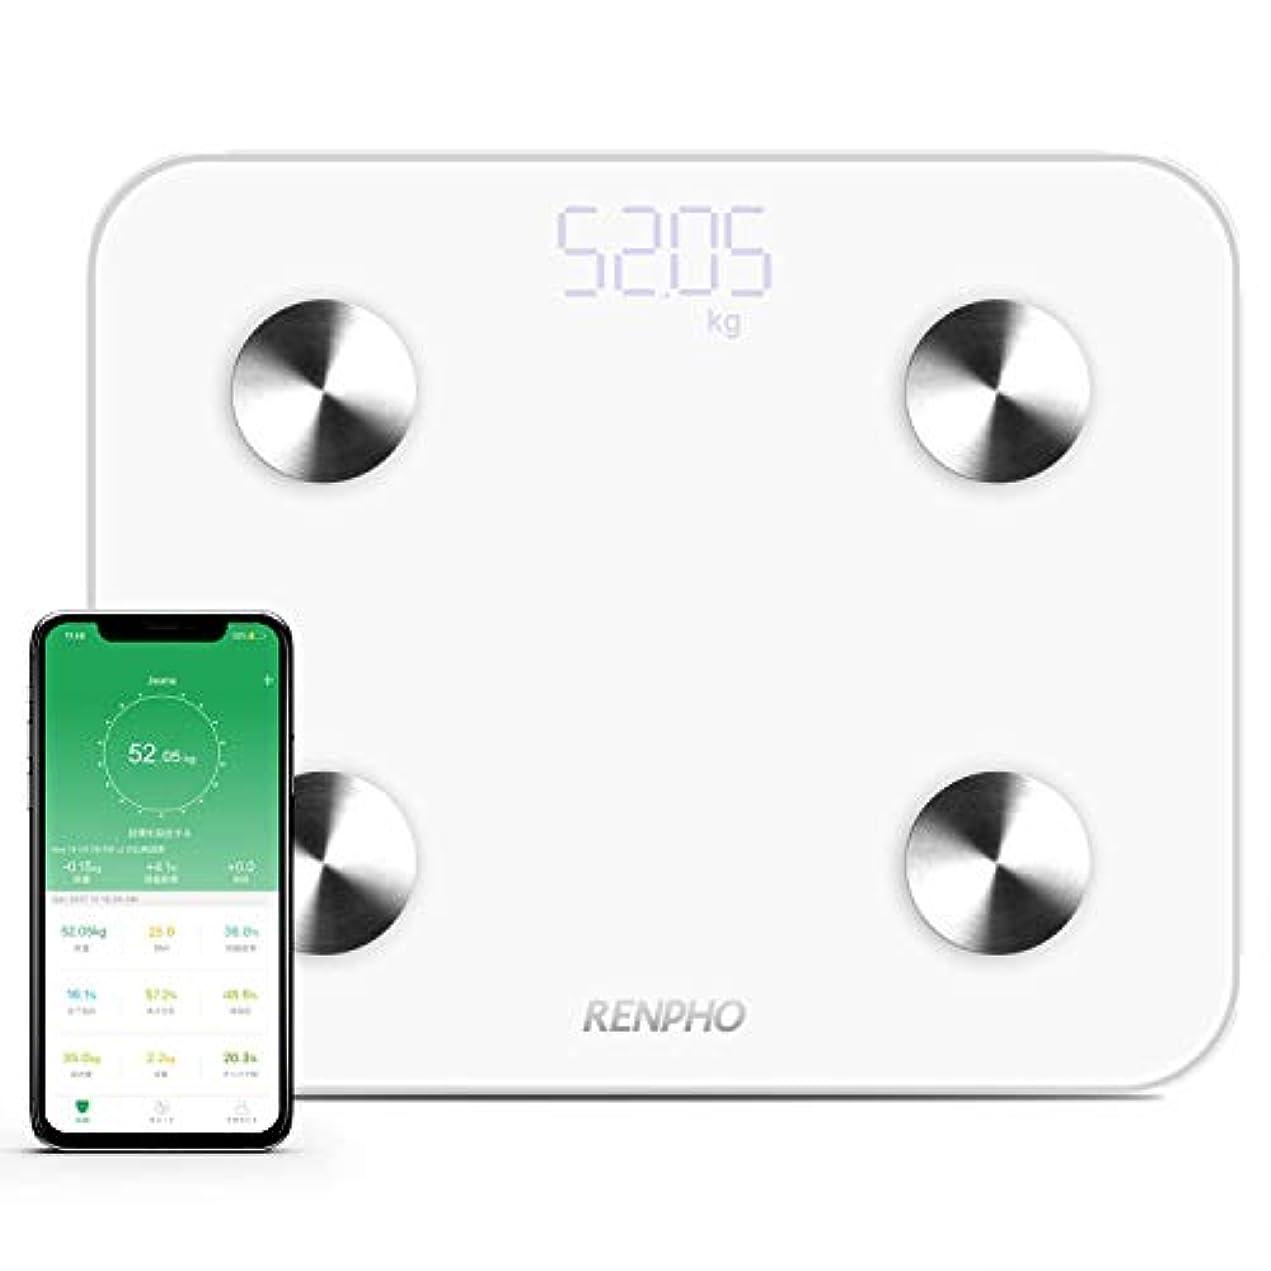 名誉気味の悪い微生物RENPHO 体重?体組成計 USB充電 体重計 スマホ連動 体脂肪計 体重/体脂肪率/皮下脂肪/内臓脂肪/筋肉量/骨量/体水分率/基礎代謝量/BMIなど測定可能 Bluetooth 体組成計 iOS/Androidアプリで健康管理 ヘルスケア同期 スマートスケール (日本語対応APP&取扱説明書)